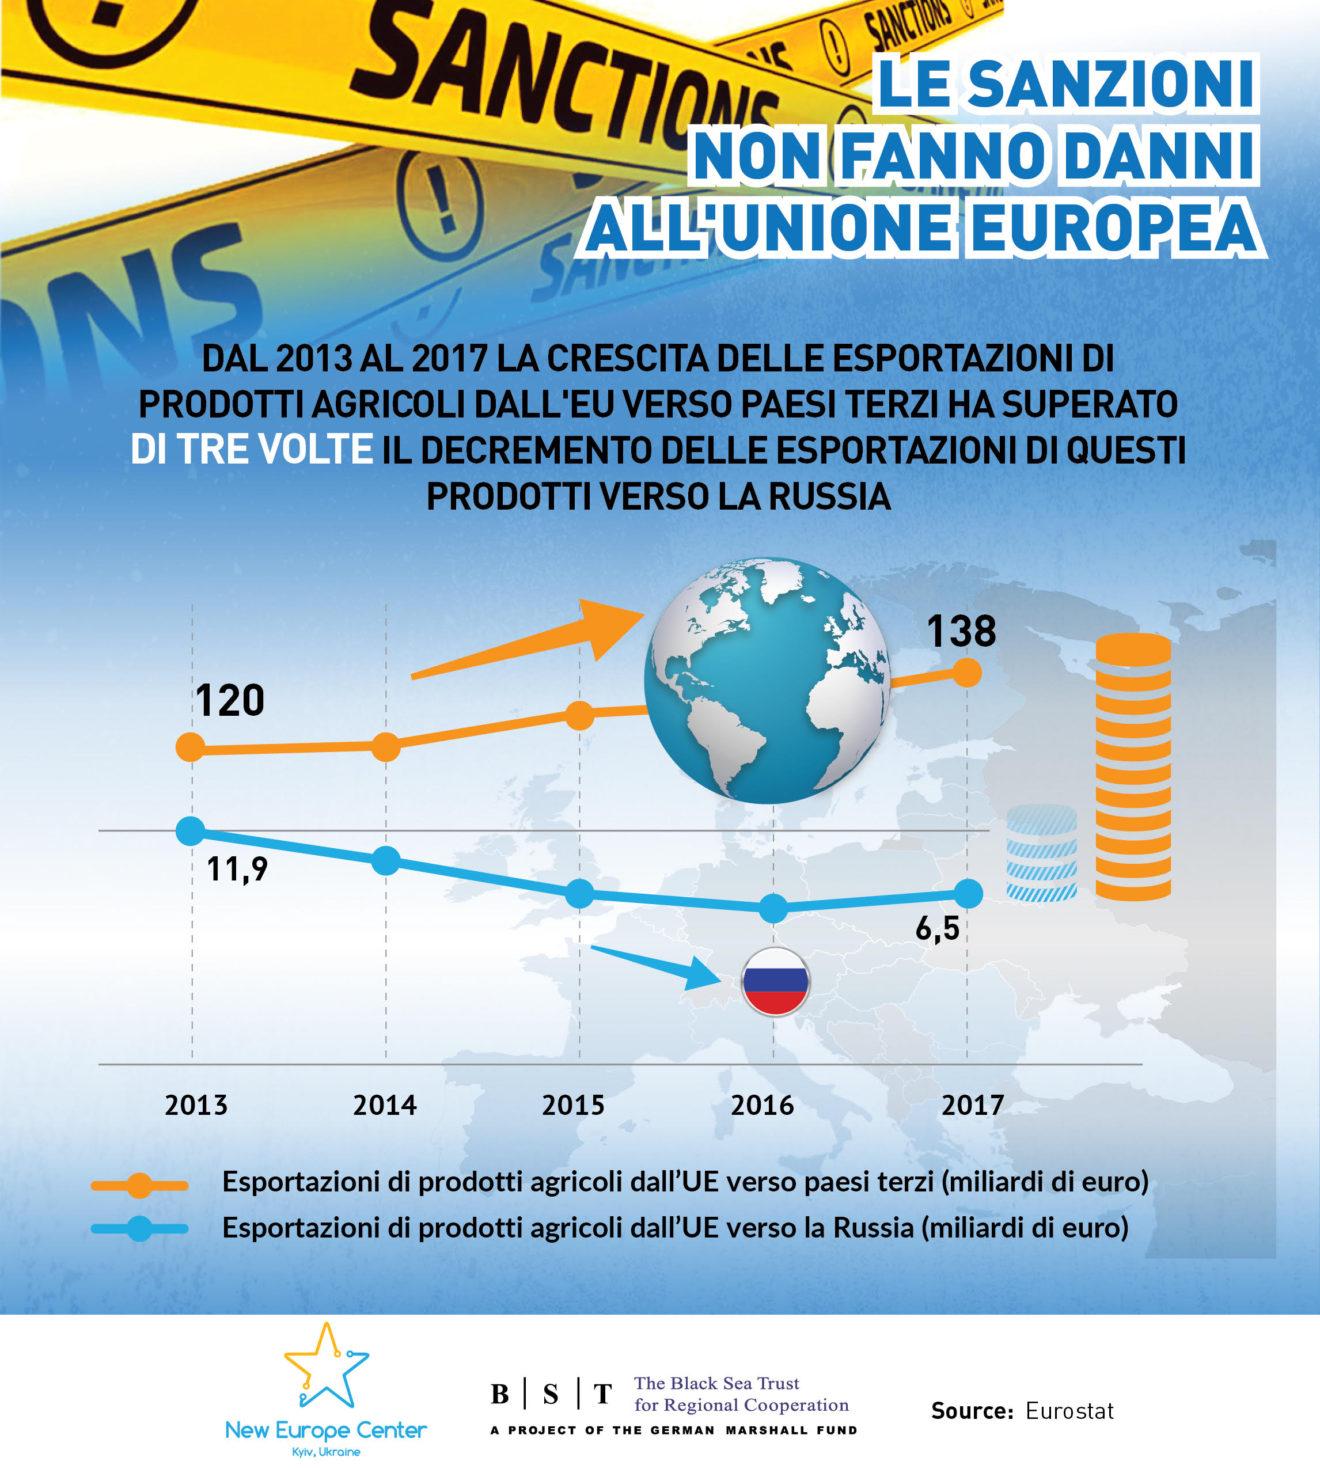 Le sanzionialla russia non danneggiano l'Italia